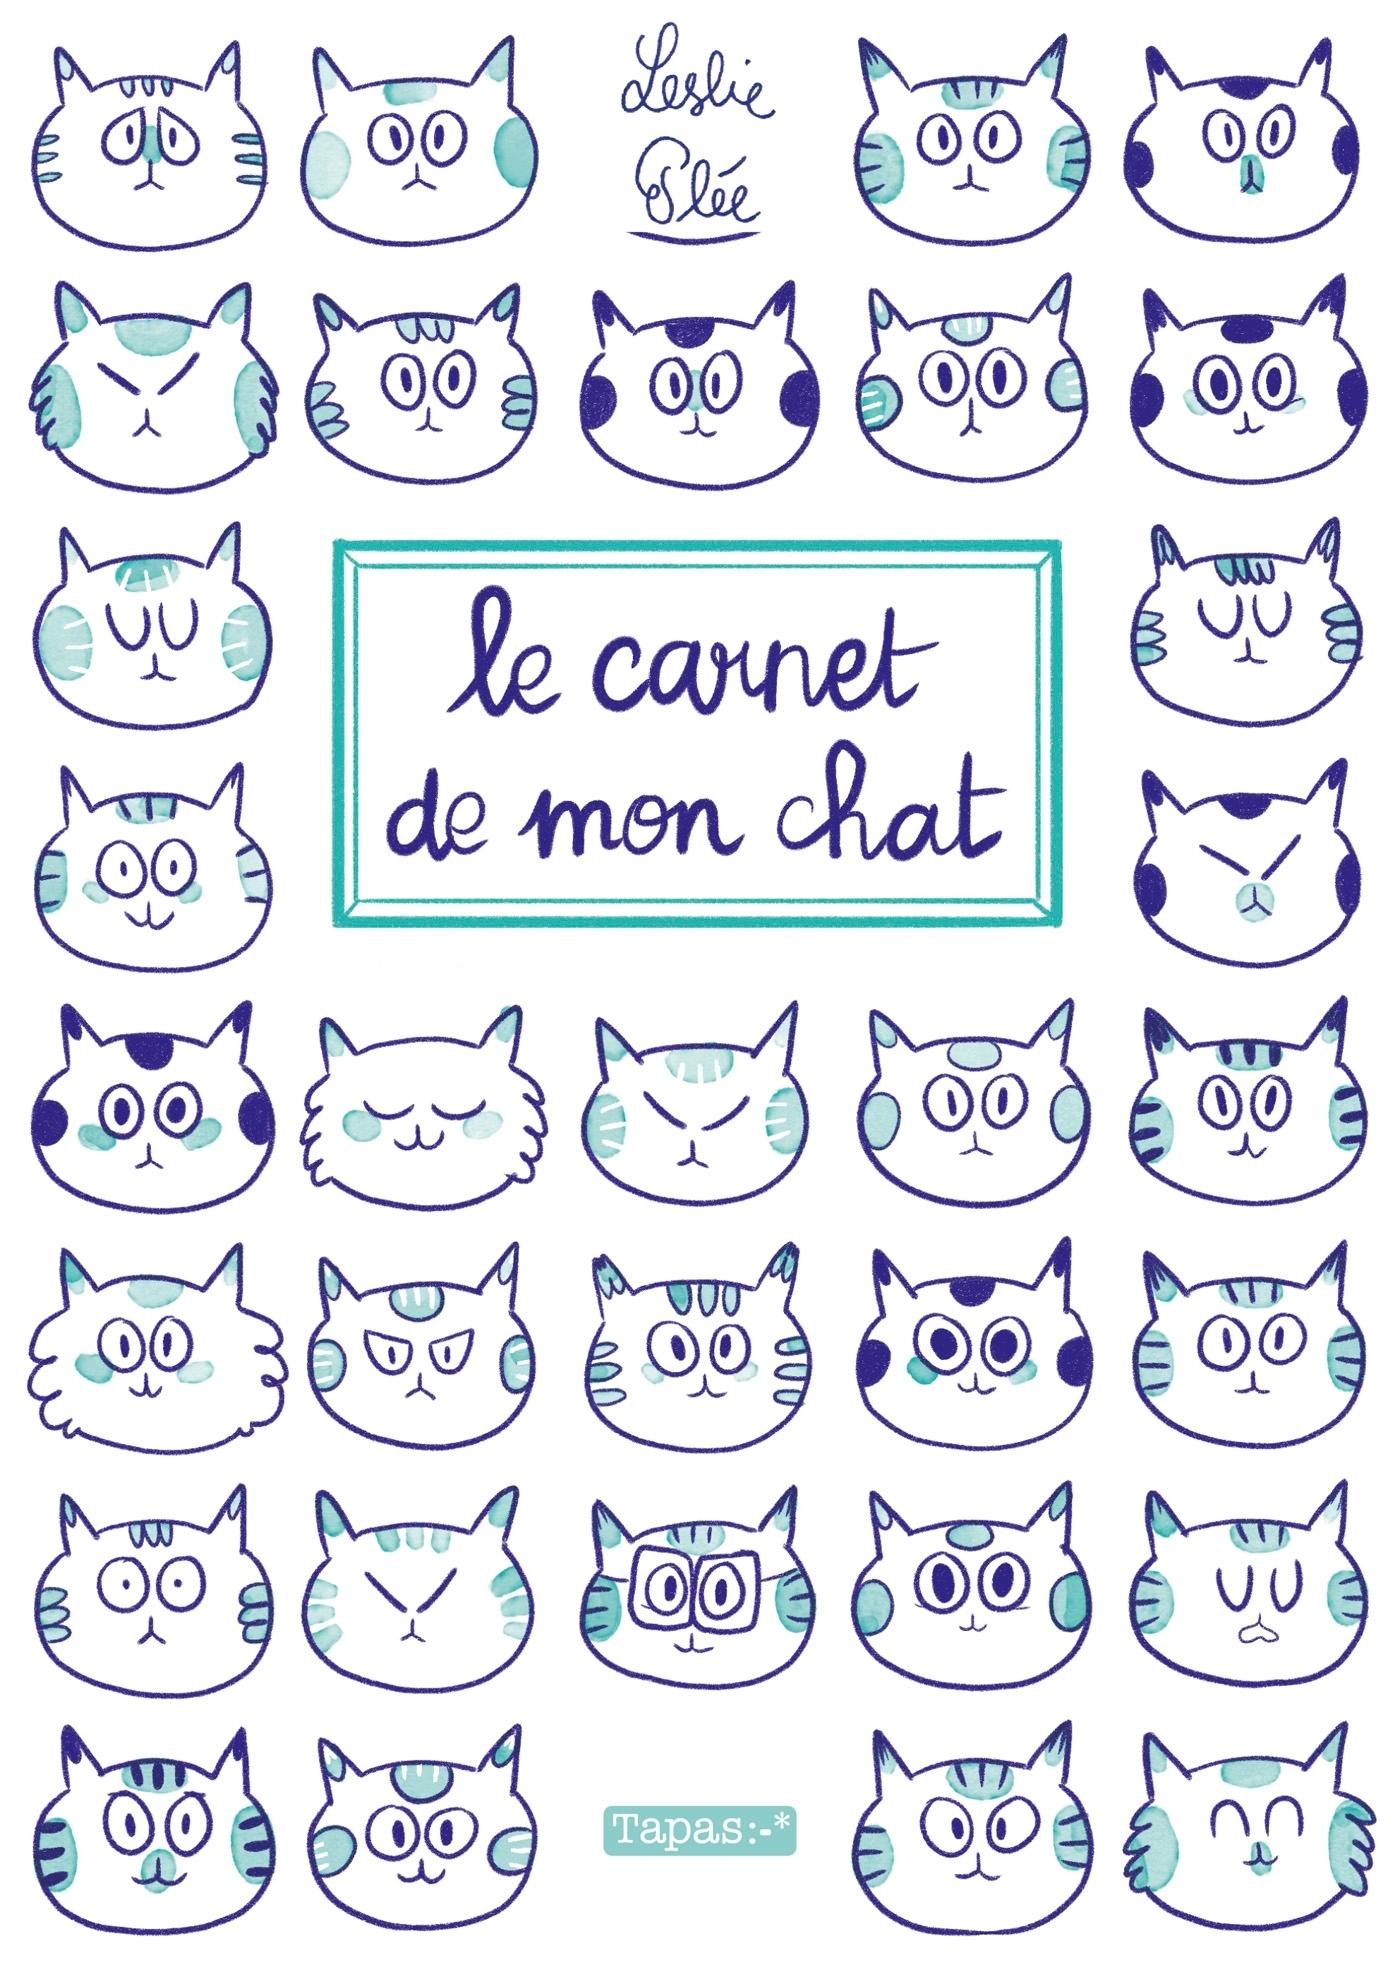 CARNET DE MON CHAT